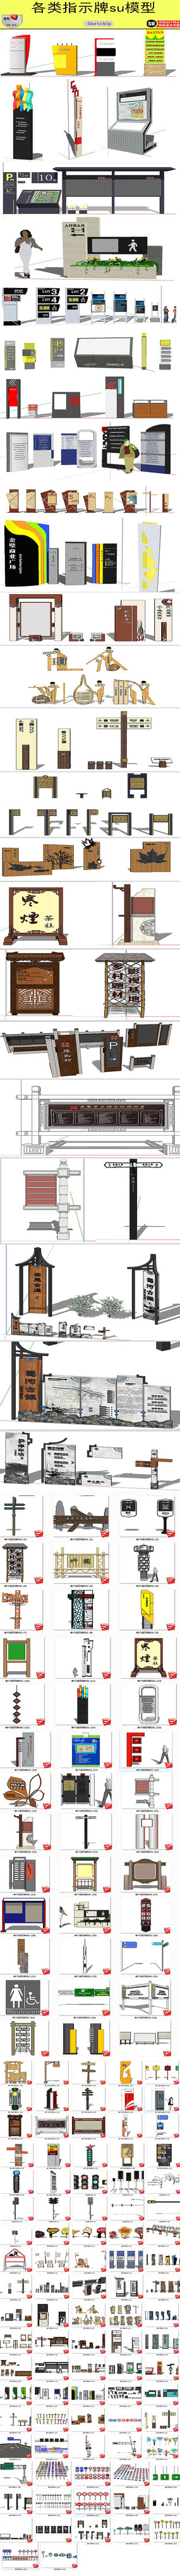 古镇景区导视系统设计